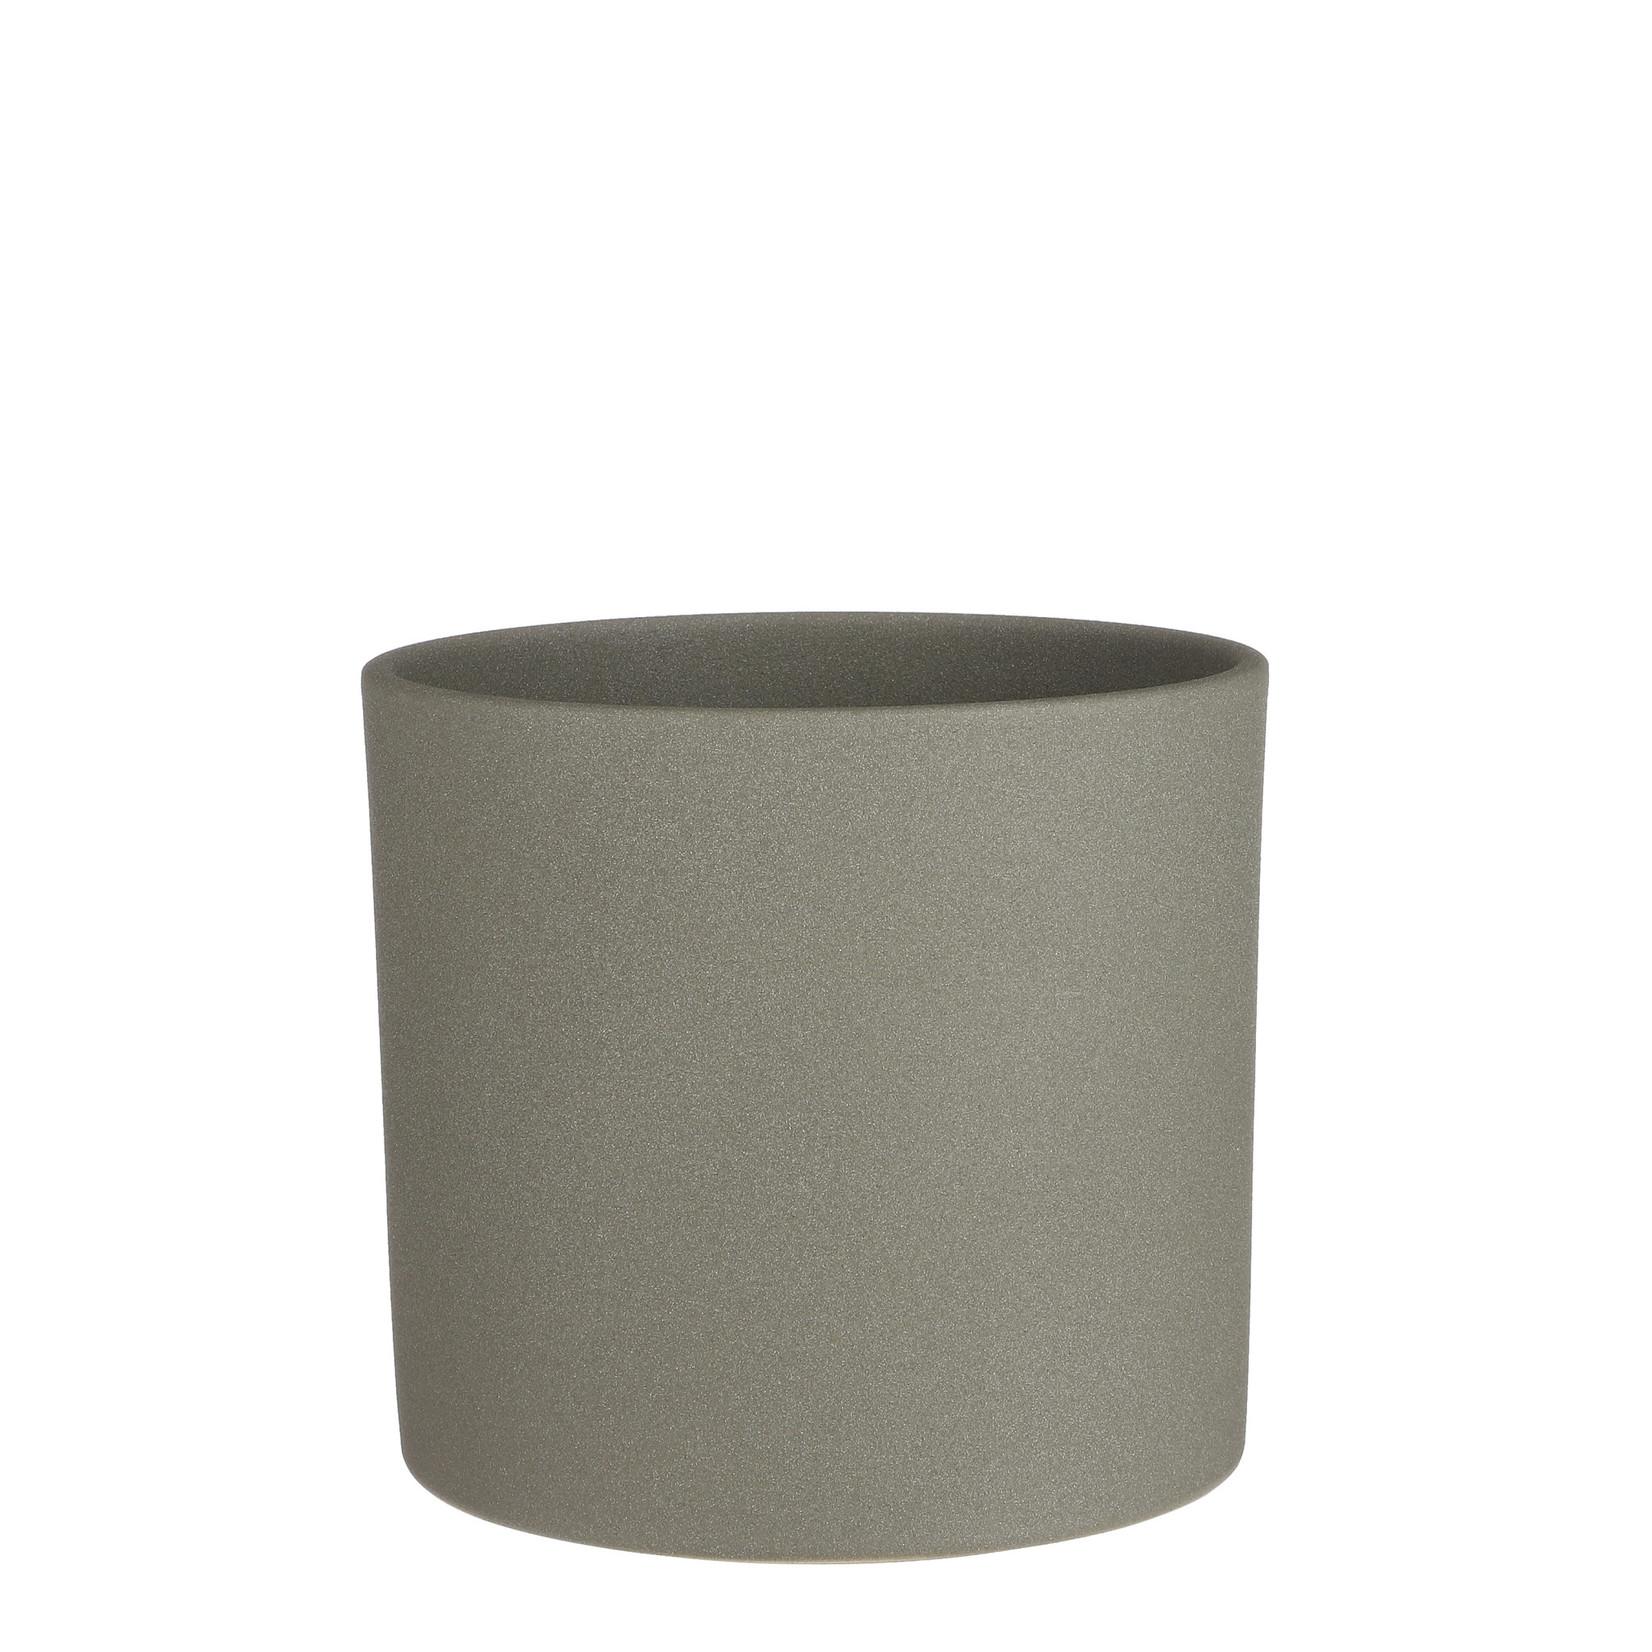 Era pot round green sand - h21,5xd23cm